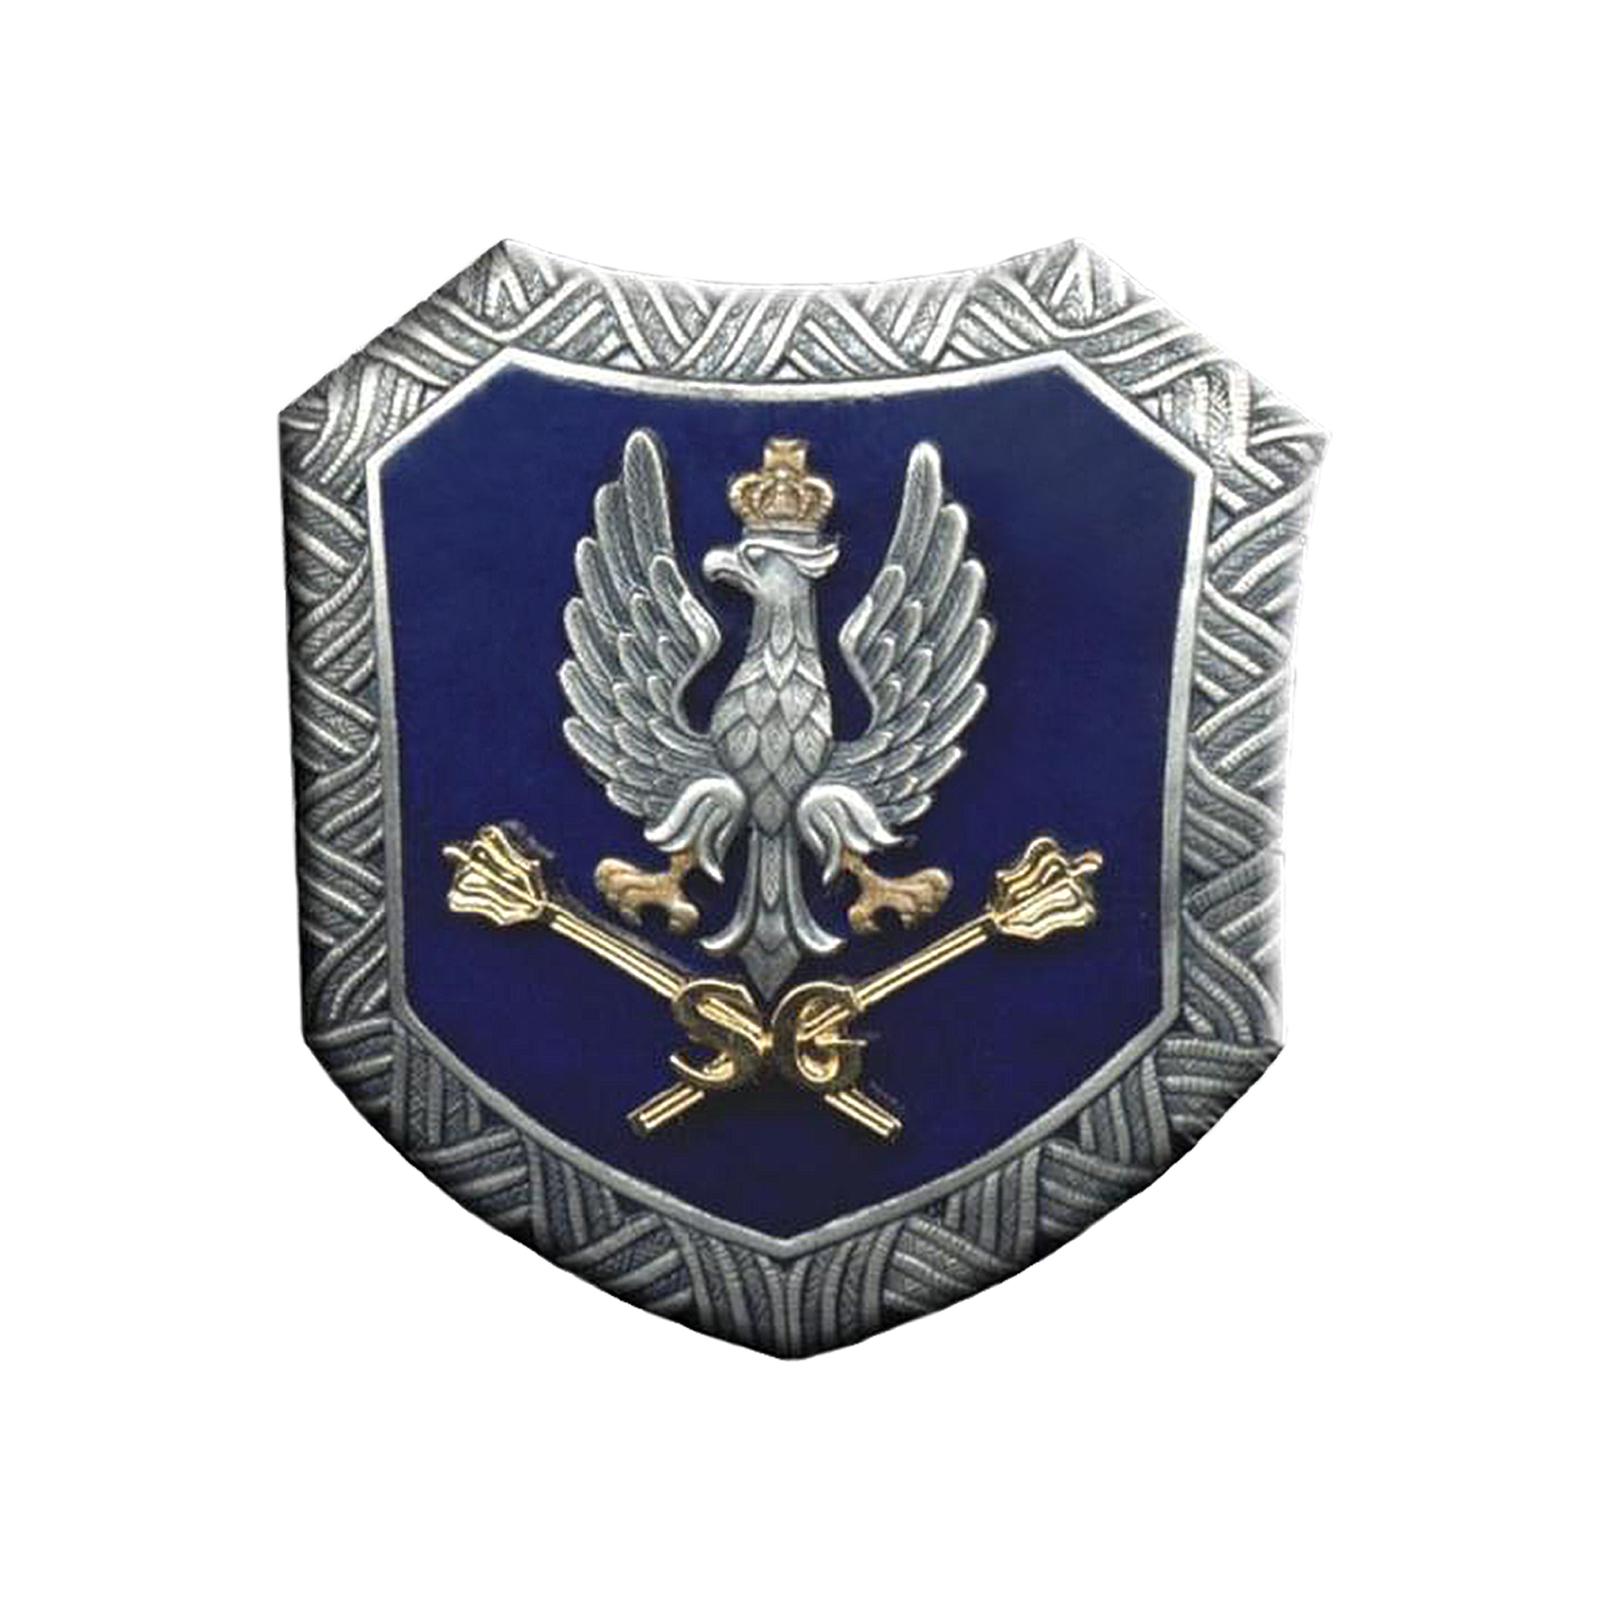 Ilustracja przedstawia logo Sztabu Generalnego Wojska Polskiego stylizowany na godło orła polskiego. Szary orzeł ze skrzydłami wzniesionymi ku górze. Głowa skierowana wlewo. Na głowie złota korona. Na szczycie korony krzyż. Szpony orła wkolorze złotym. Poniżej orła dwa skrzyżowane złote berła. Orzeł iberła na granatowym tle. Całość otacza metalowa ramka wkształcie trapezu.